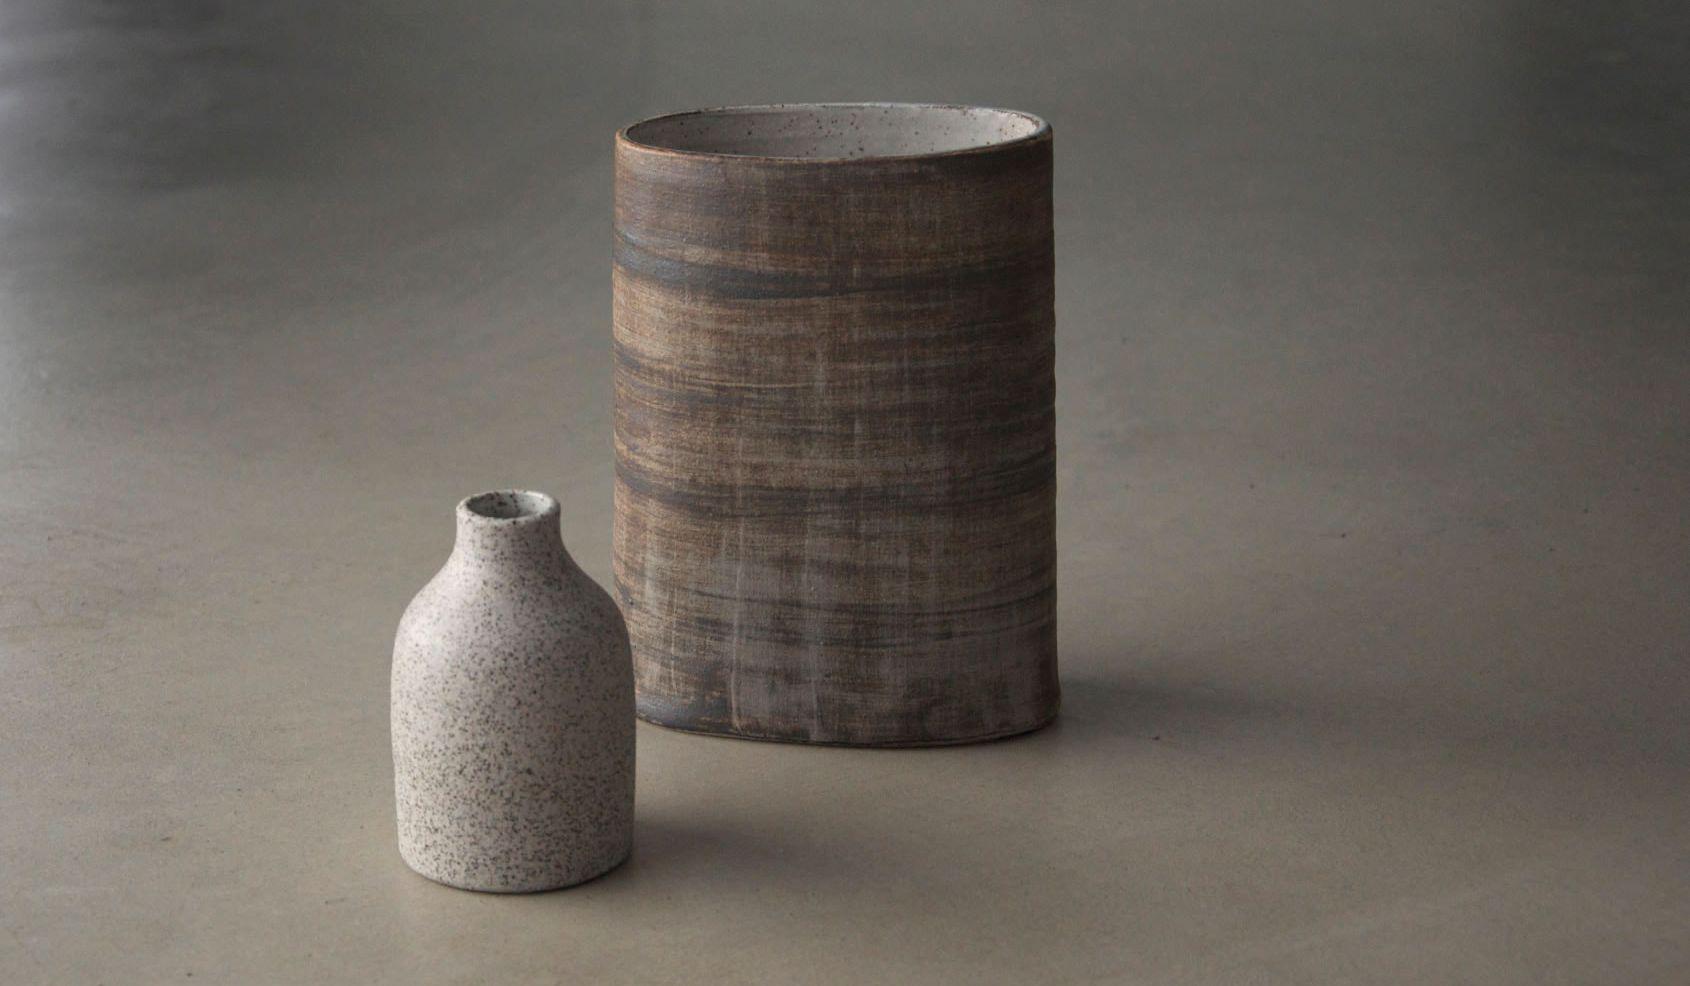 Vase-Final10May20 (1)